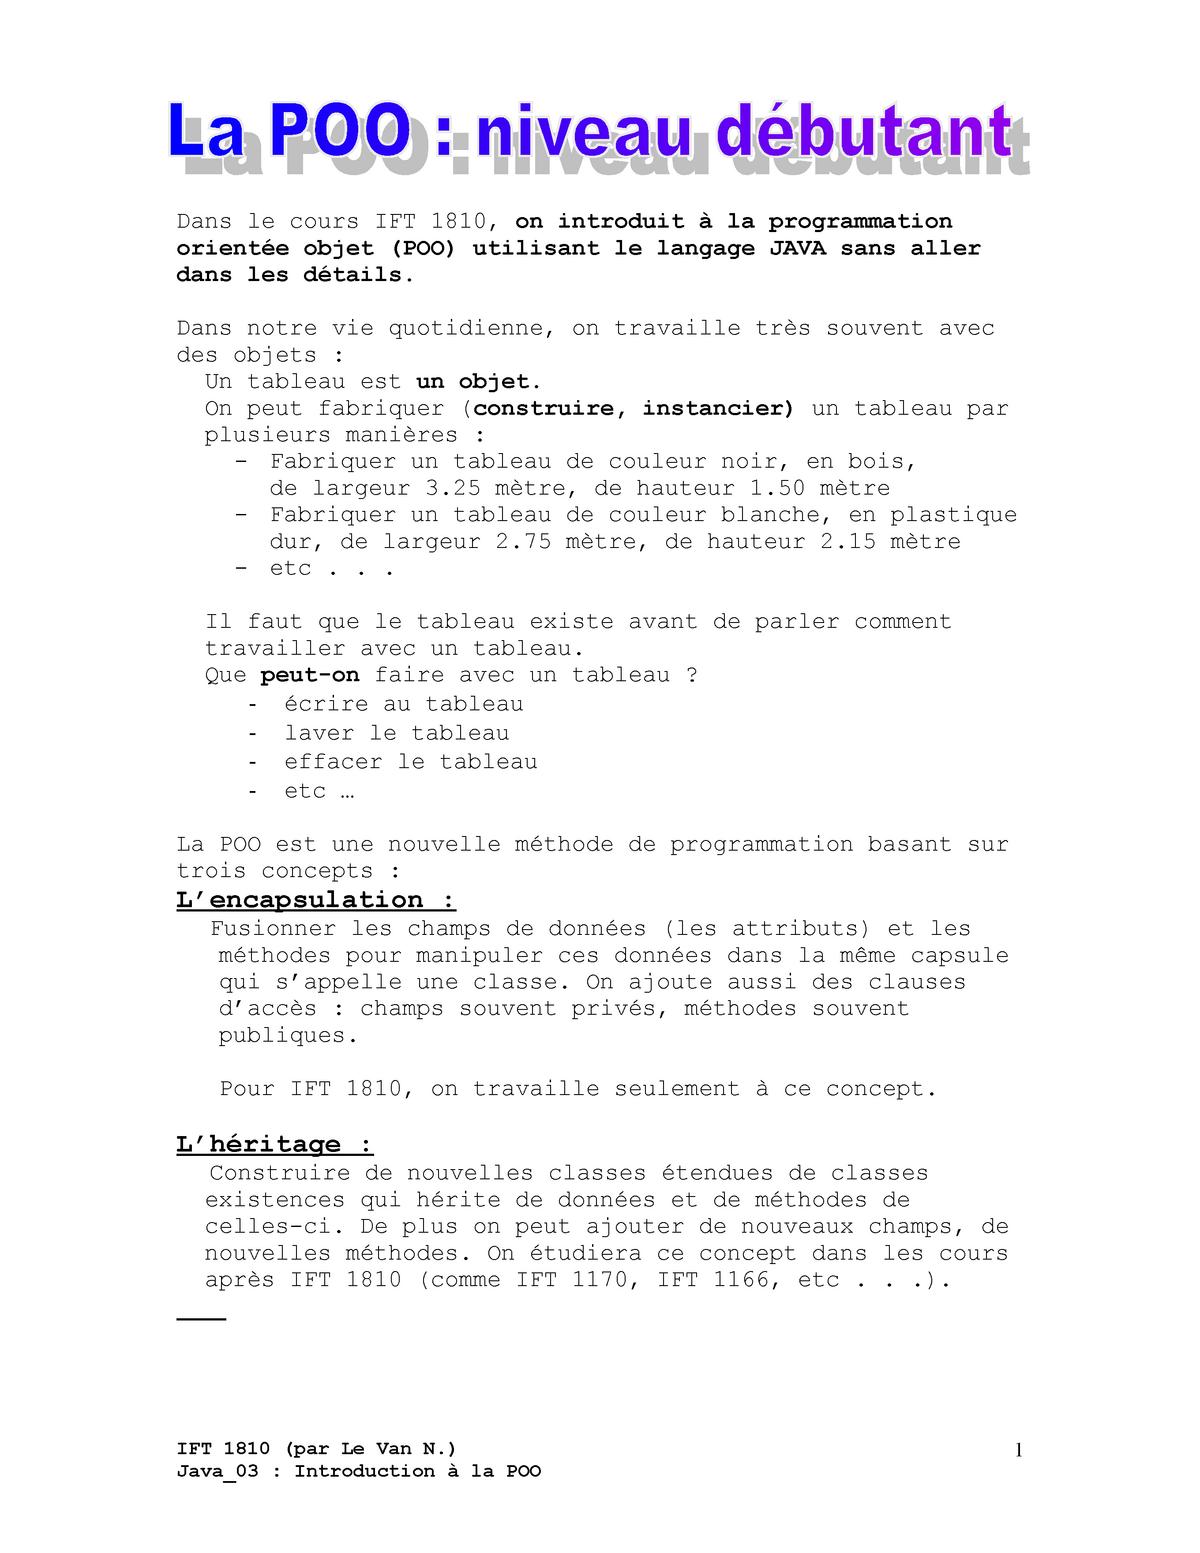 ac741cbbbe6 Java 03 - Notes de cours 1 - IFT1810  Introduction a la programmation -  StuDocu